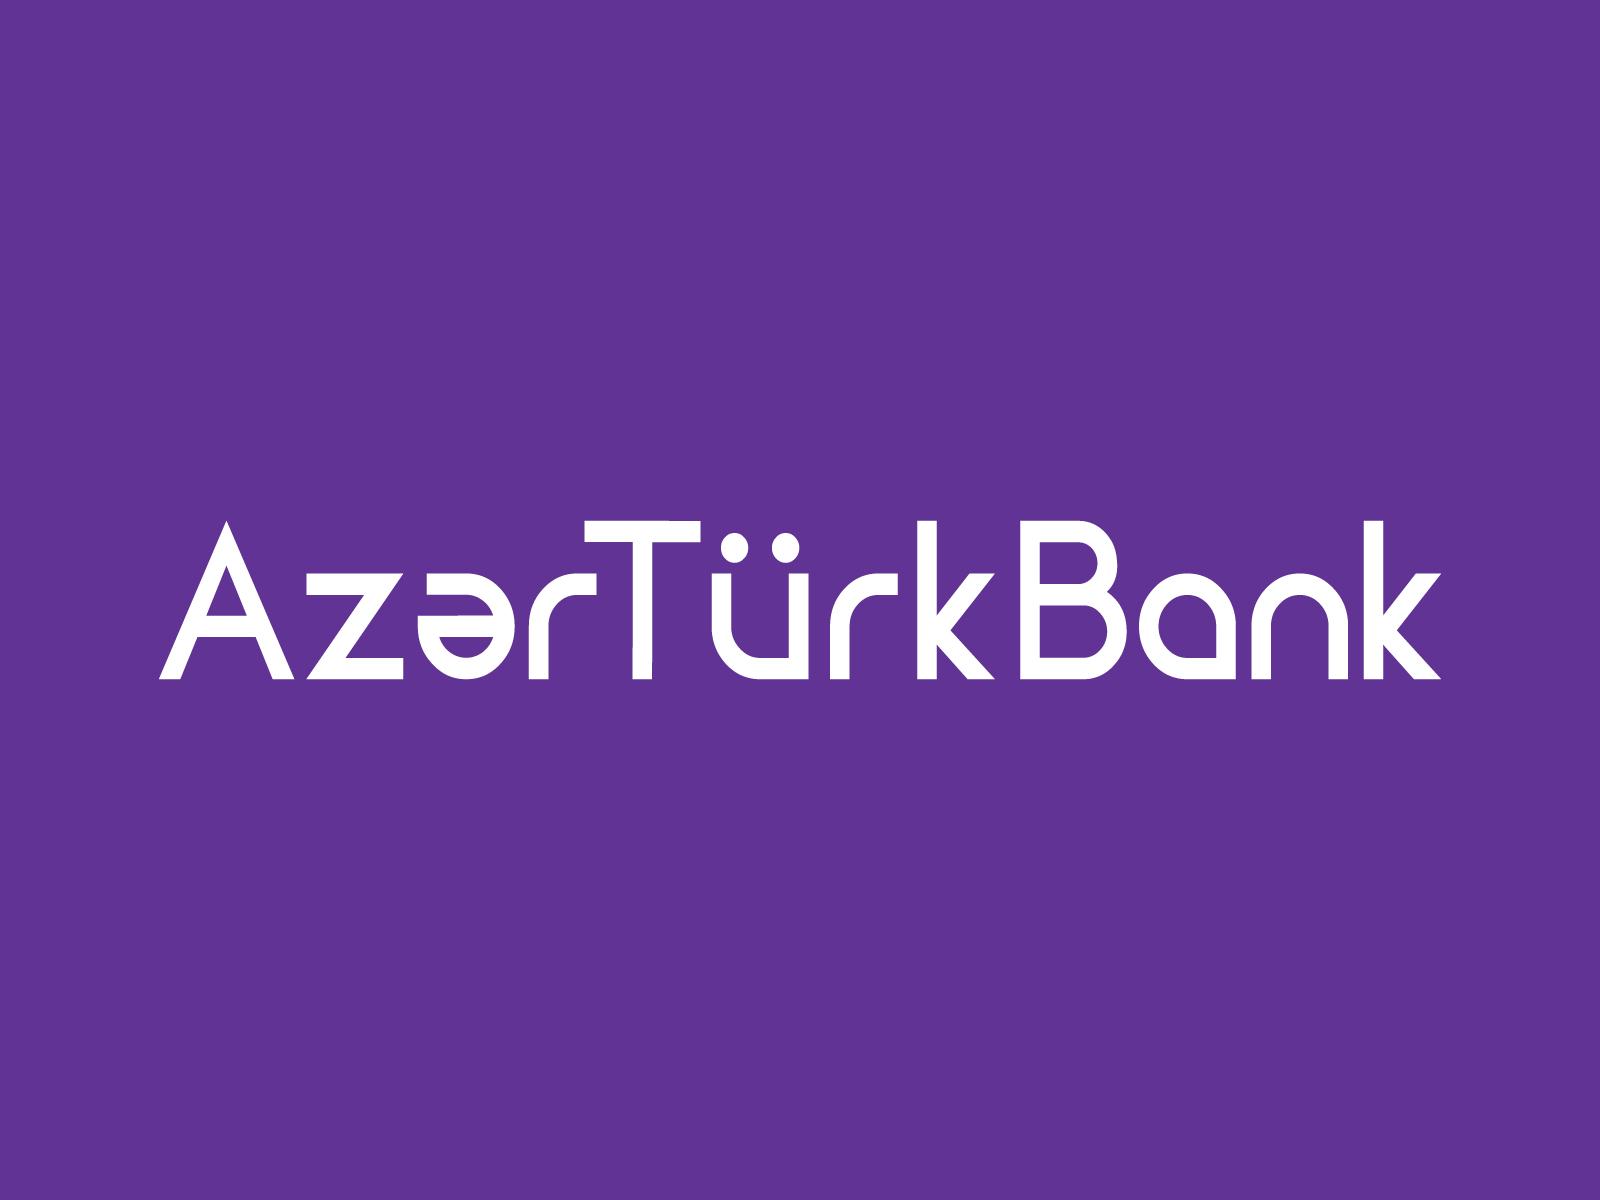 Azer Turk Bank оказывает своим клиентам бесплатные юридические услуги